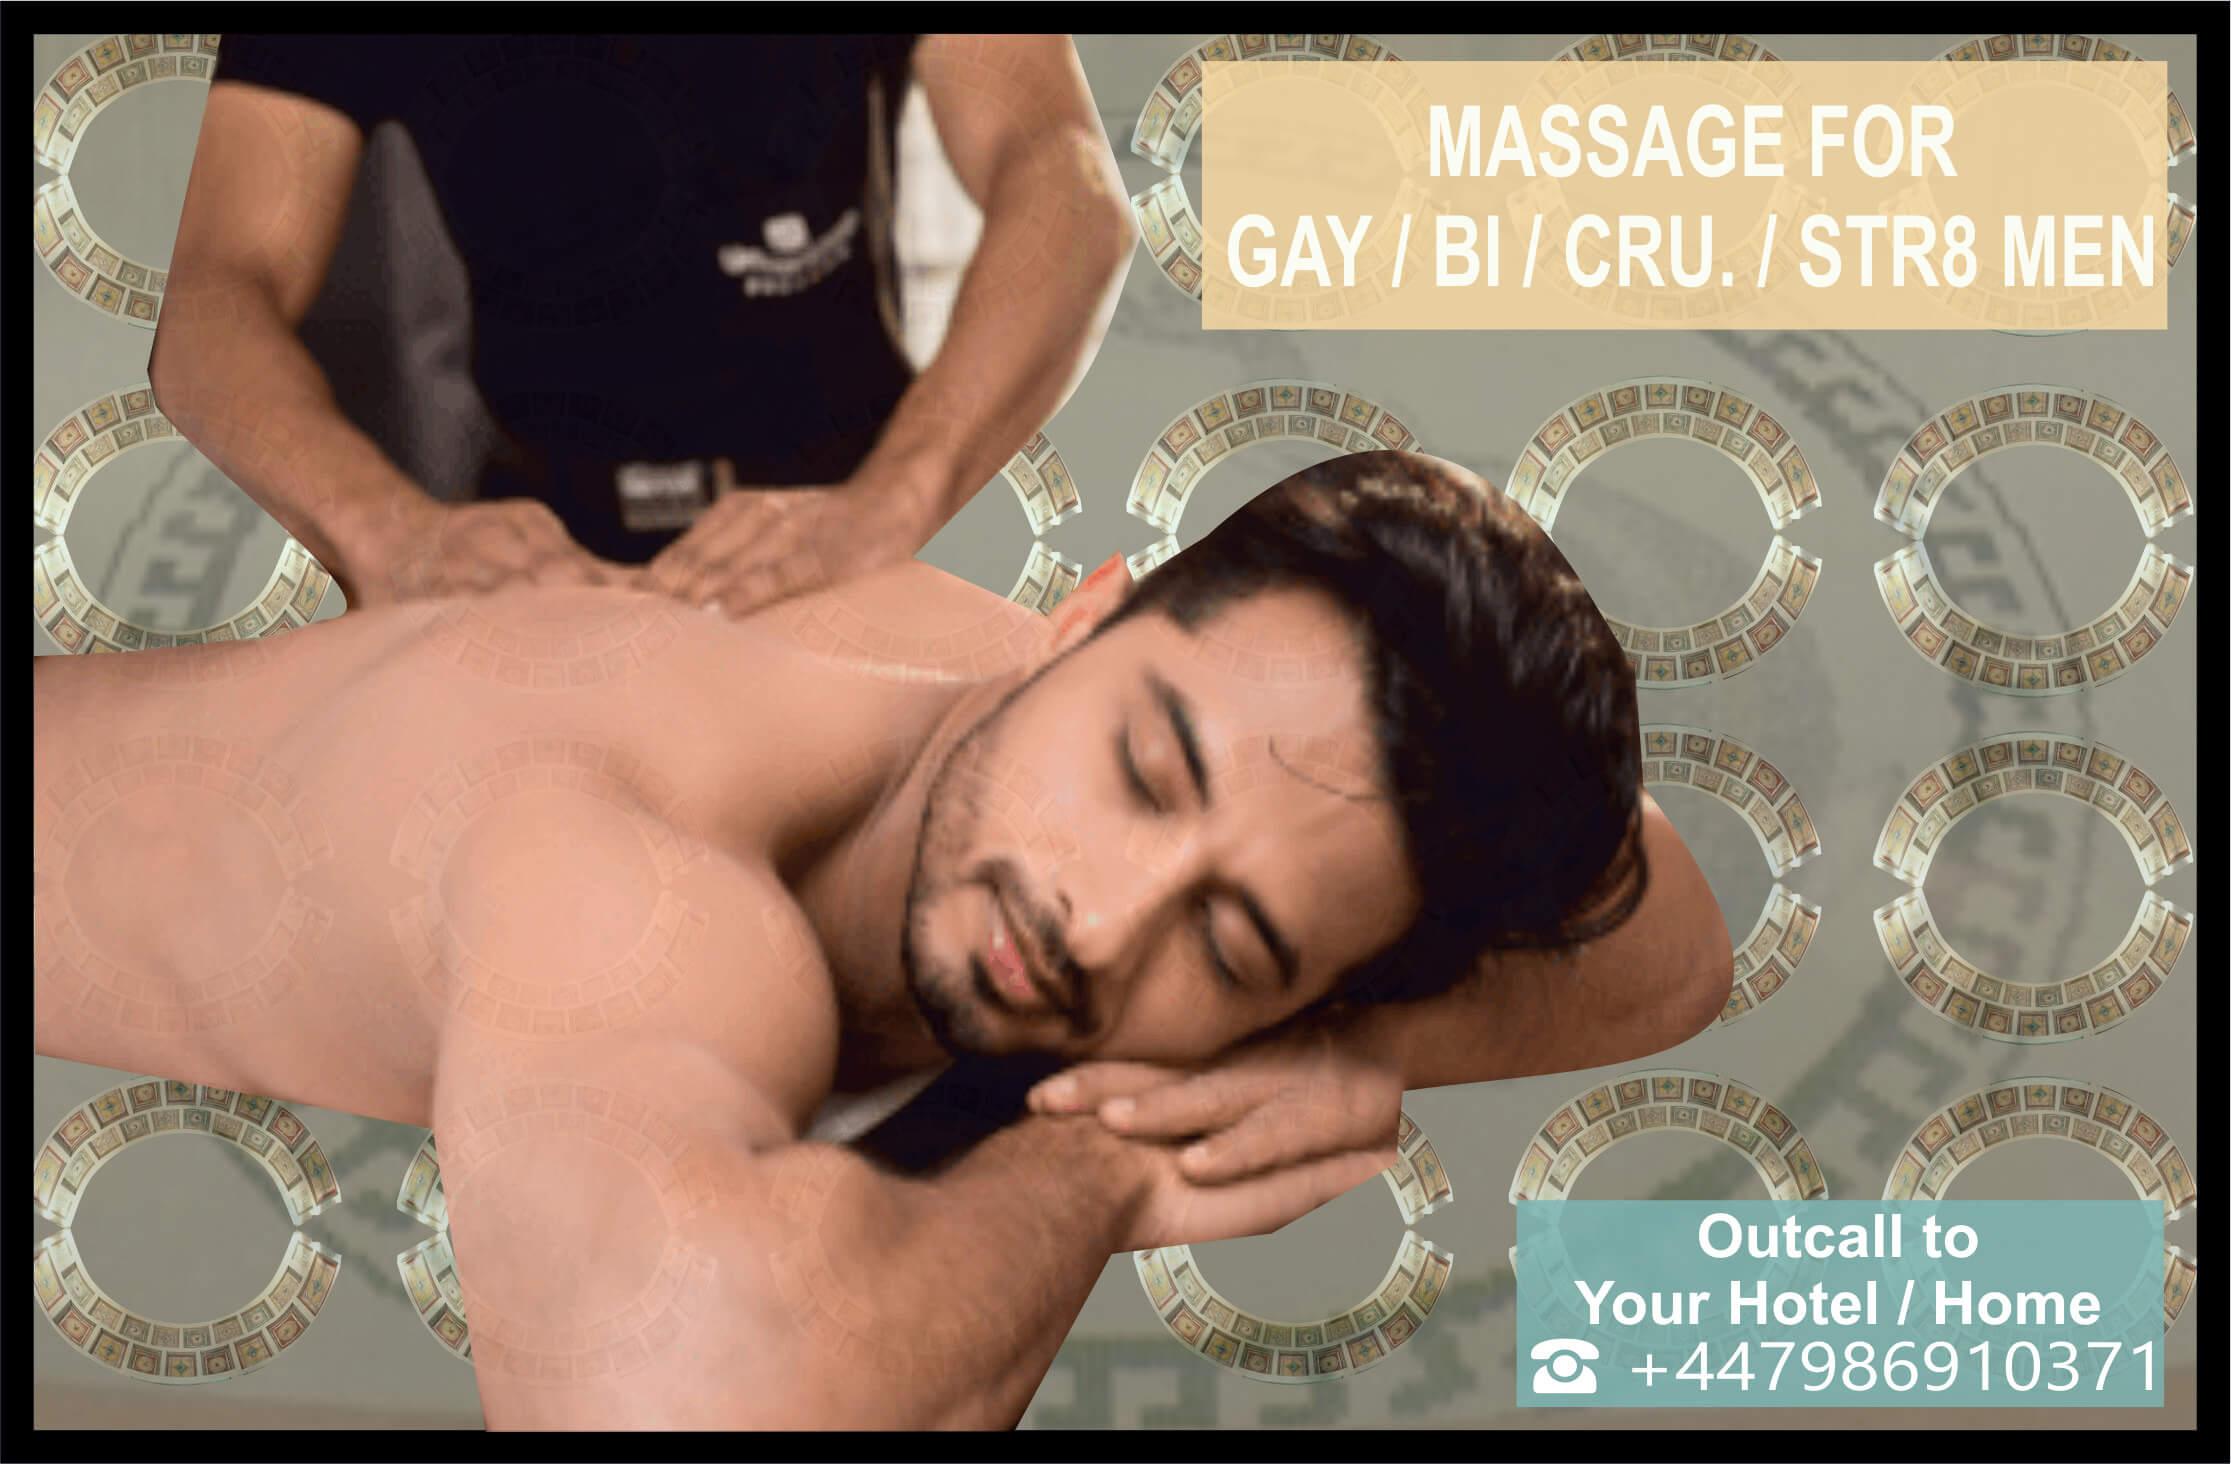 male massage london, gay male massage hotel home massage, visiting massage, massage near me now,  hour massage, minute massage, gay massage london, male to male massage london, home massage  (1 (14)